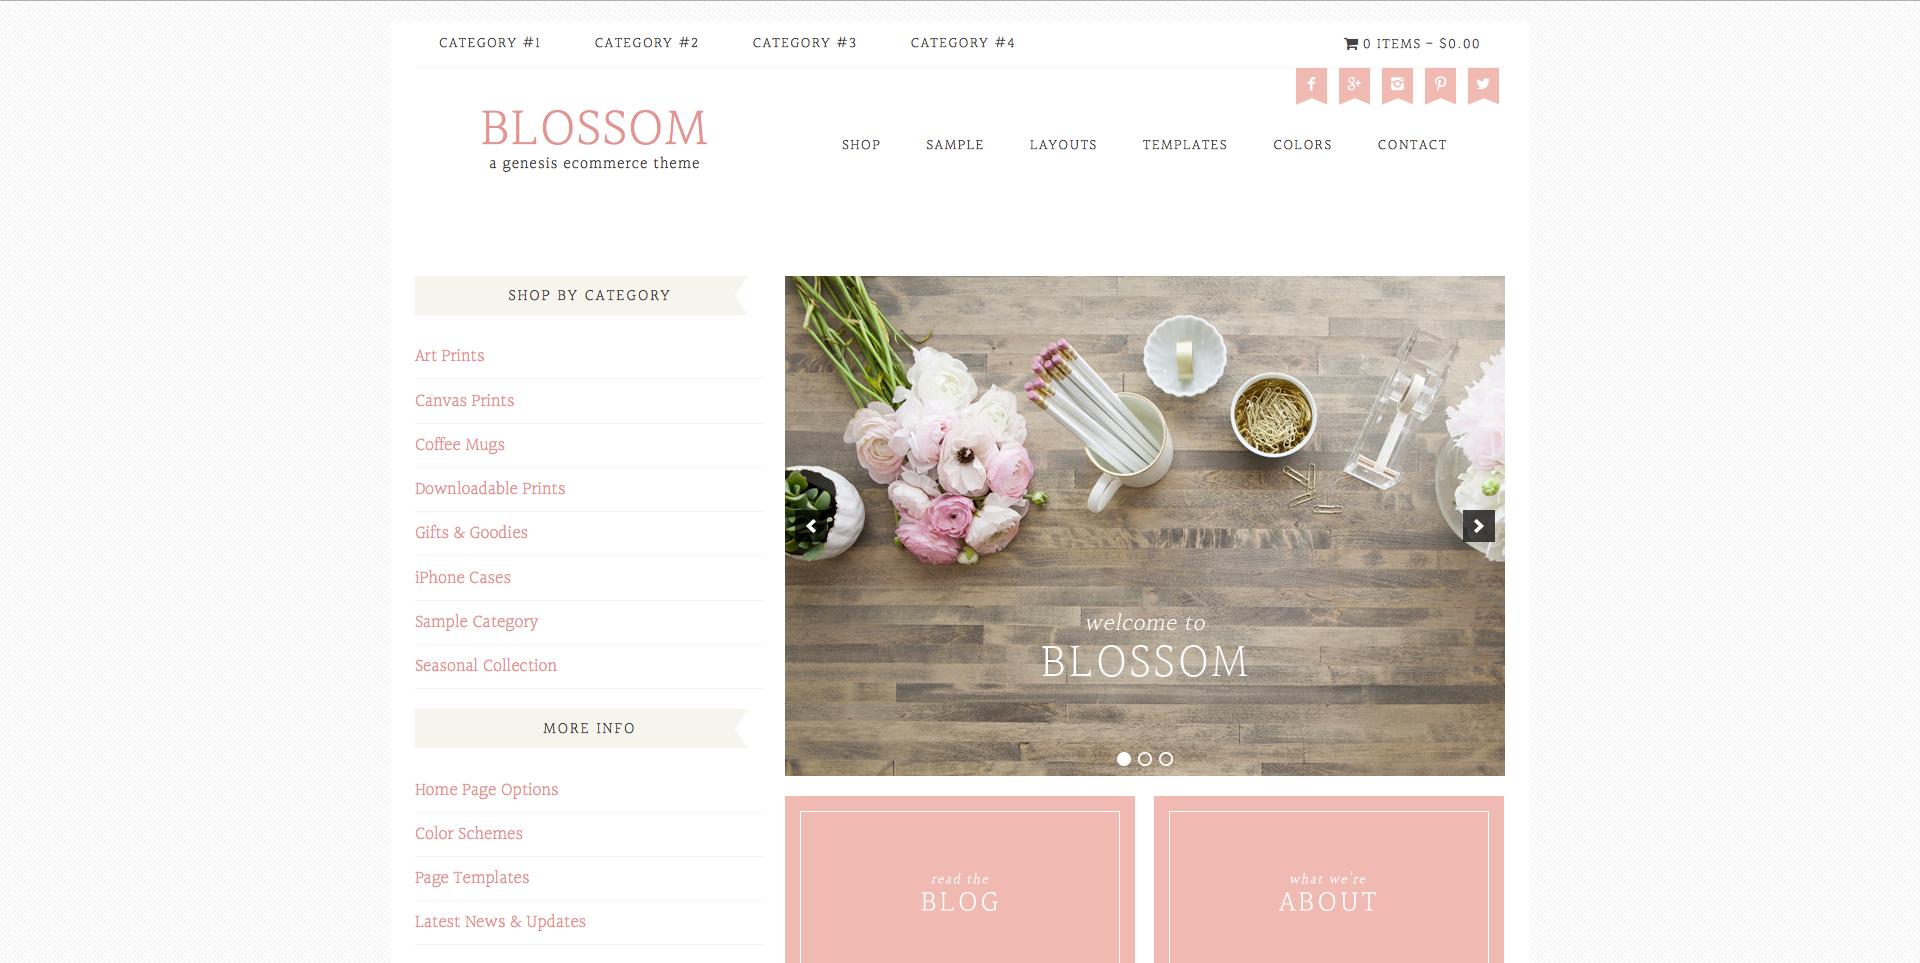 Blossom - HaukeWebs